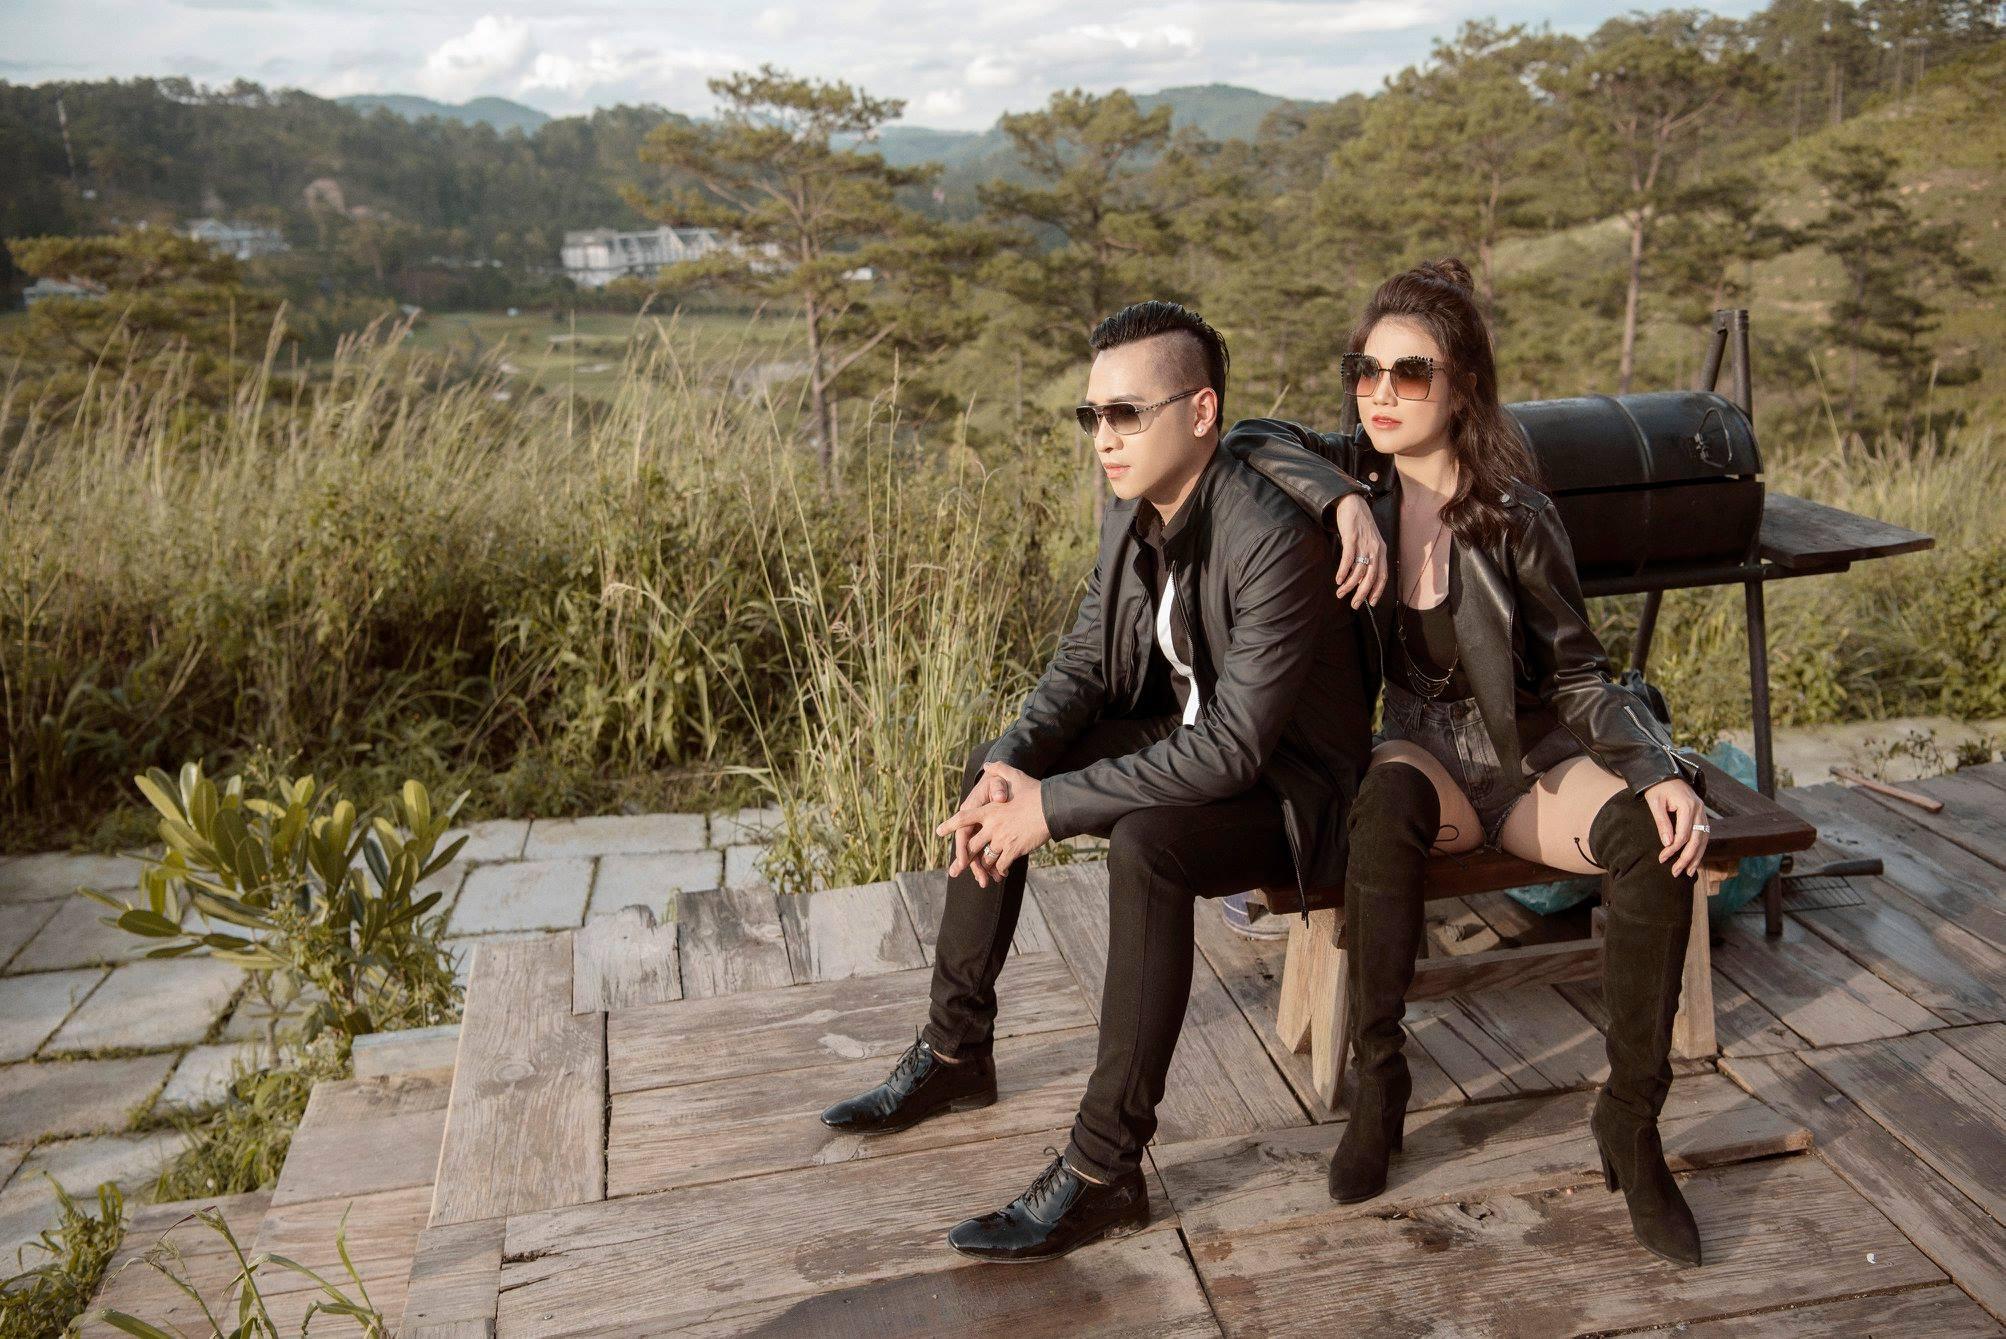 Mẹ đơn thân nóng bỏng sắp cưới Tiêu Quang Vboys giàu cỡ nào? - 6